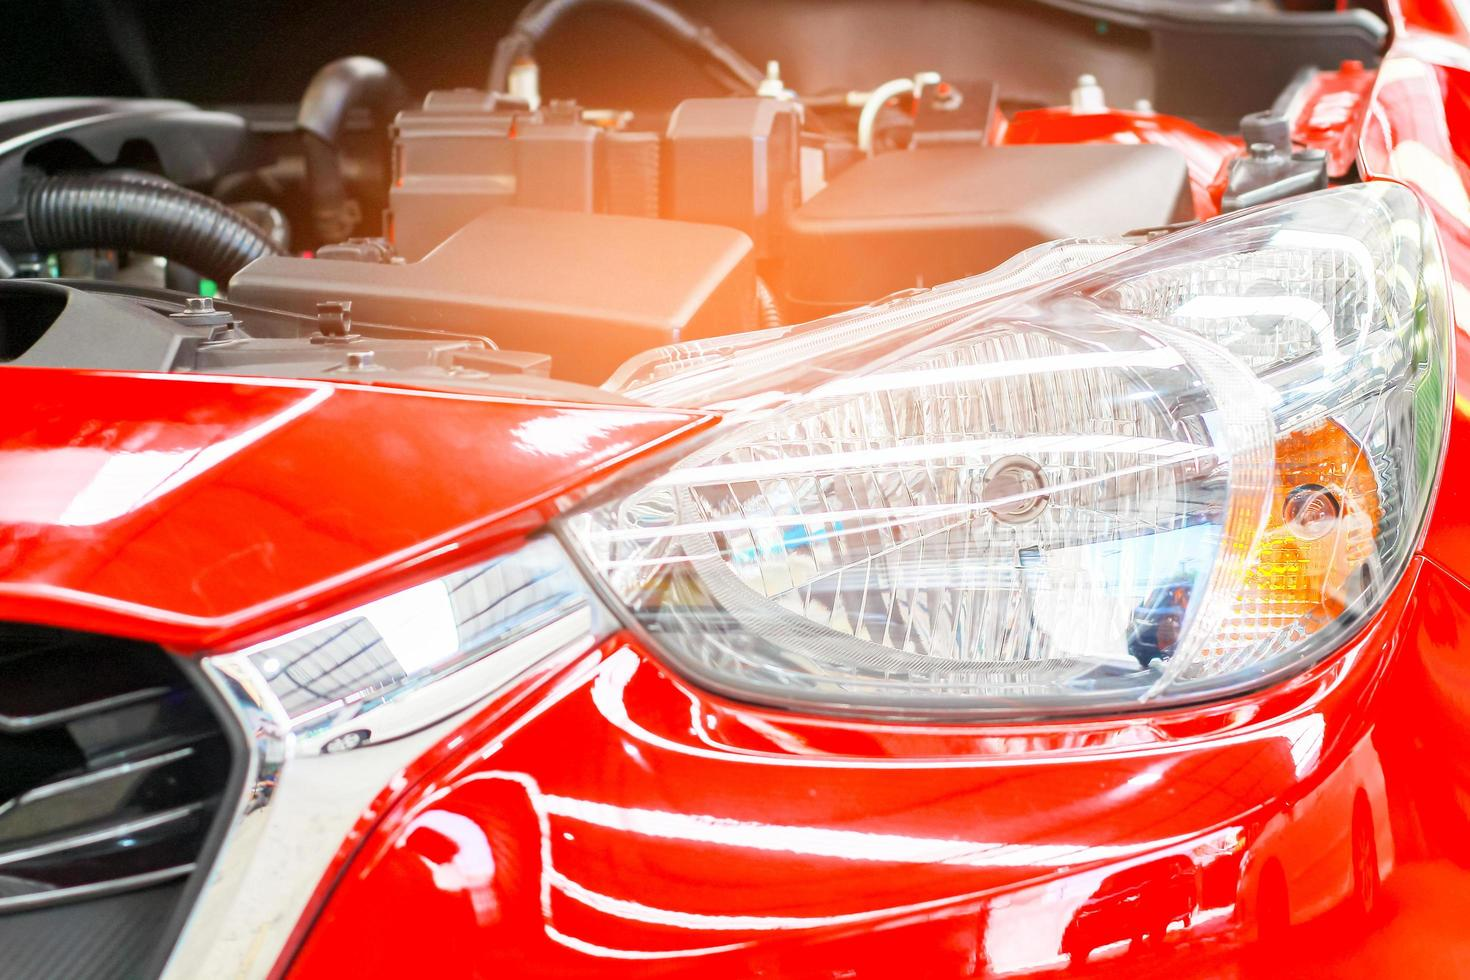 moteur d'un nouveau modèle de voiture photo